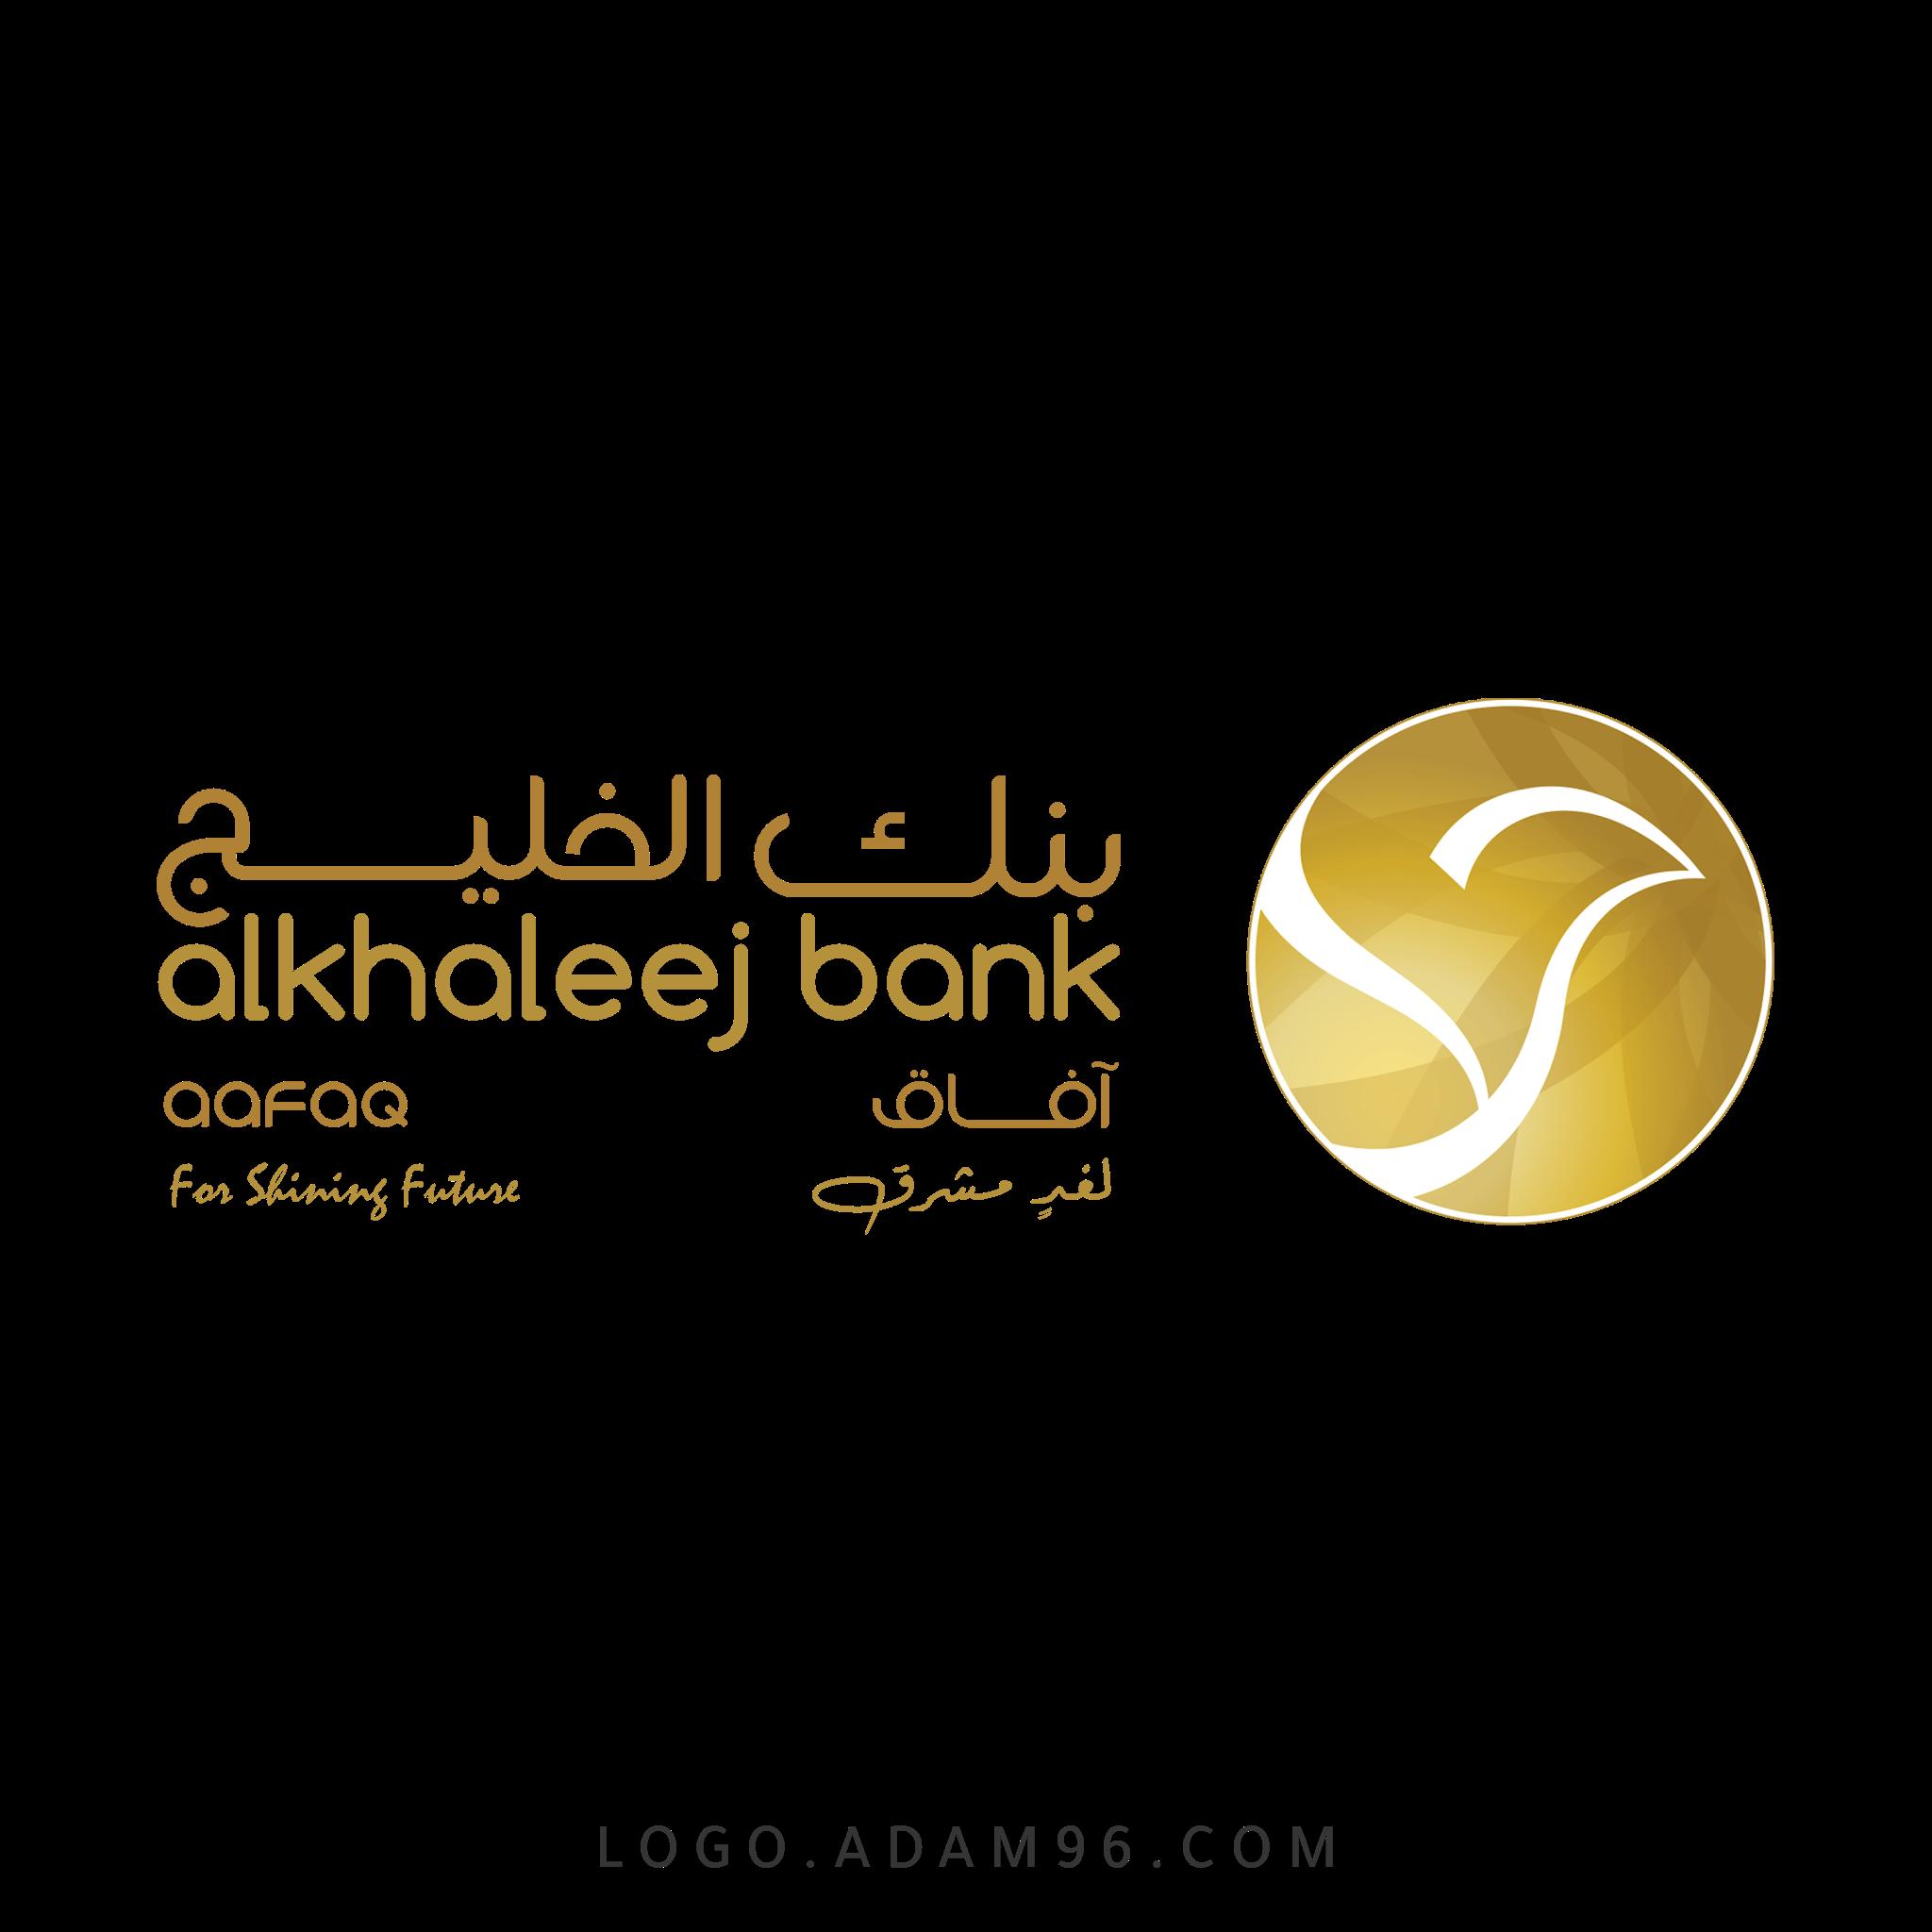 تحميل شعار بنك الخليج لوجو رسمي عالي الجودة PNG - شعارات بنوك الخليج